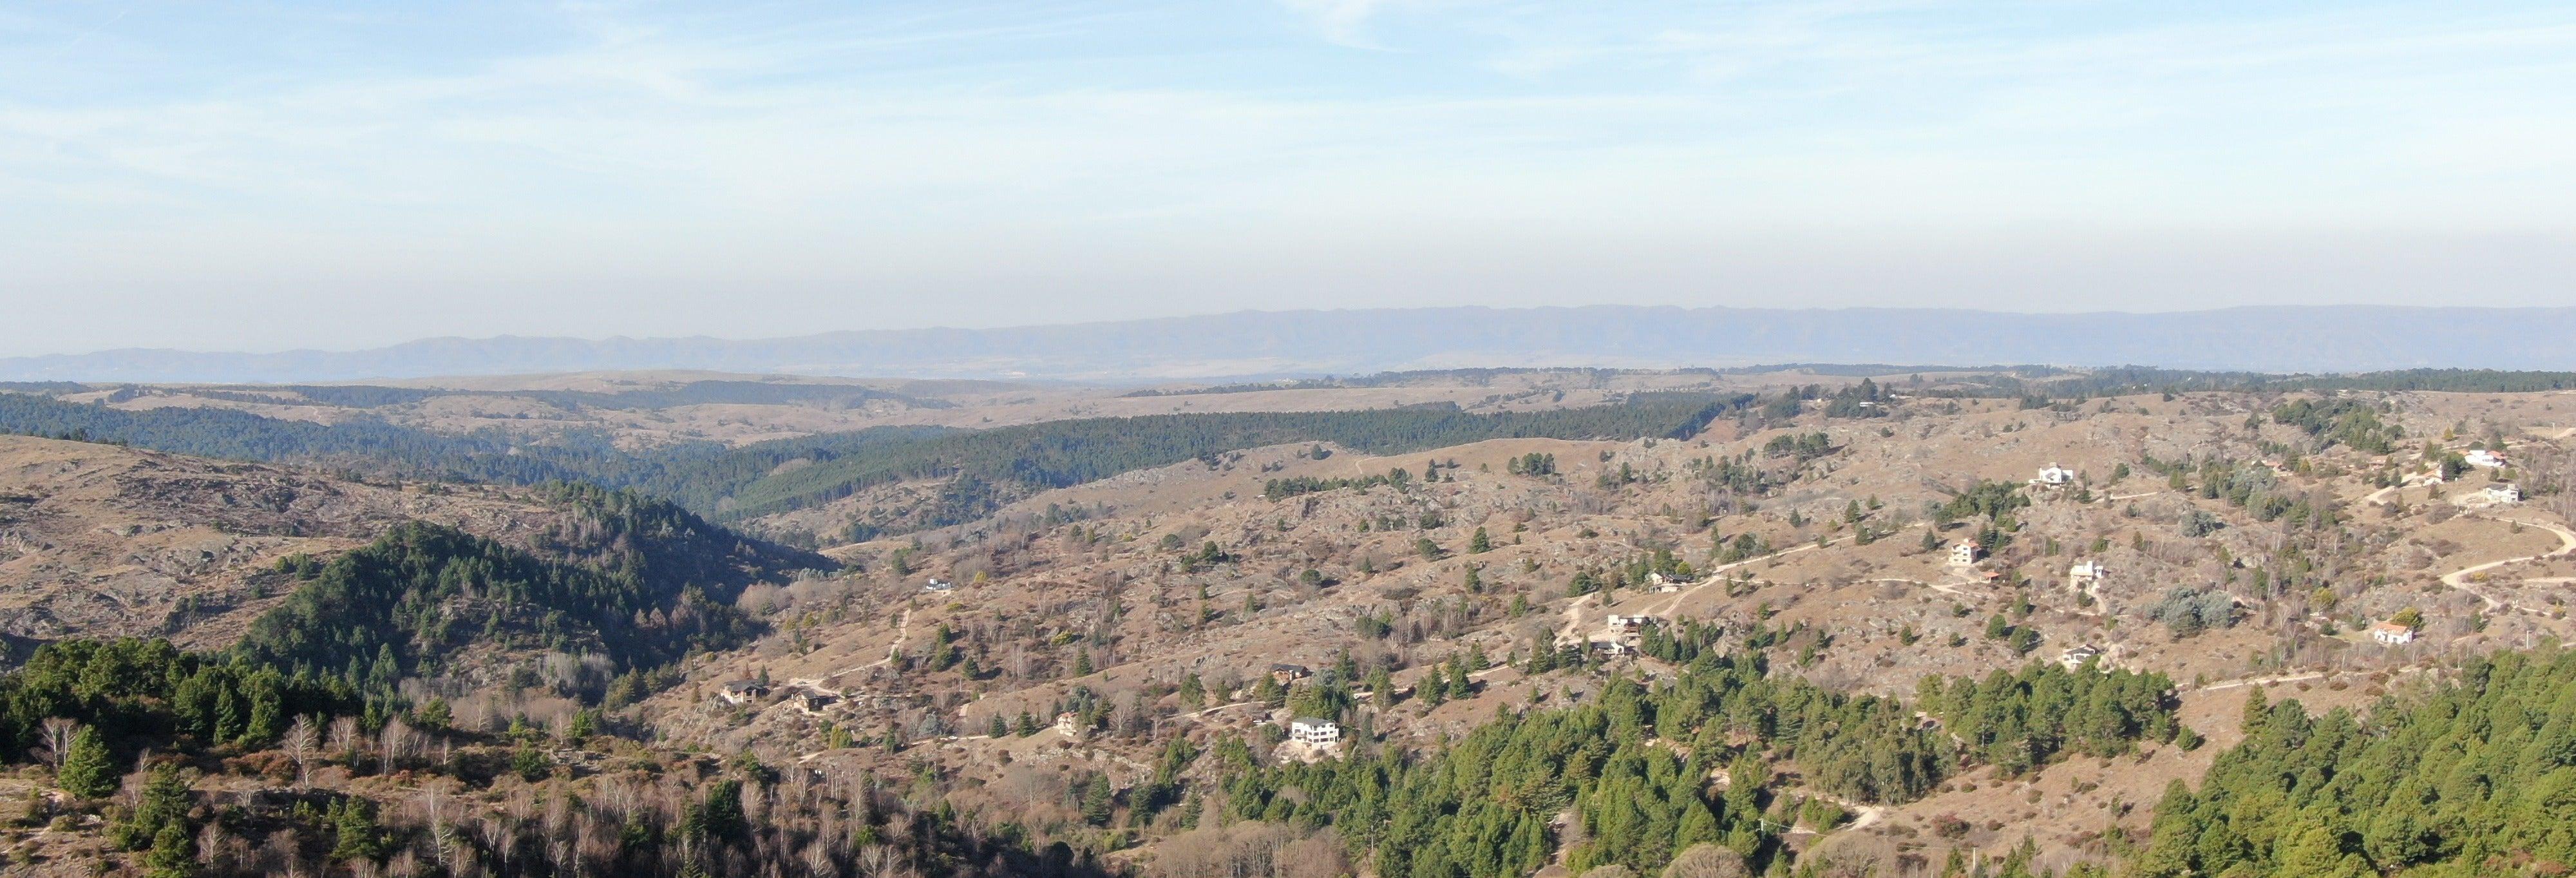 Excursion dans les vignobles de la Vallée de Calamuchita